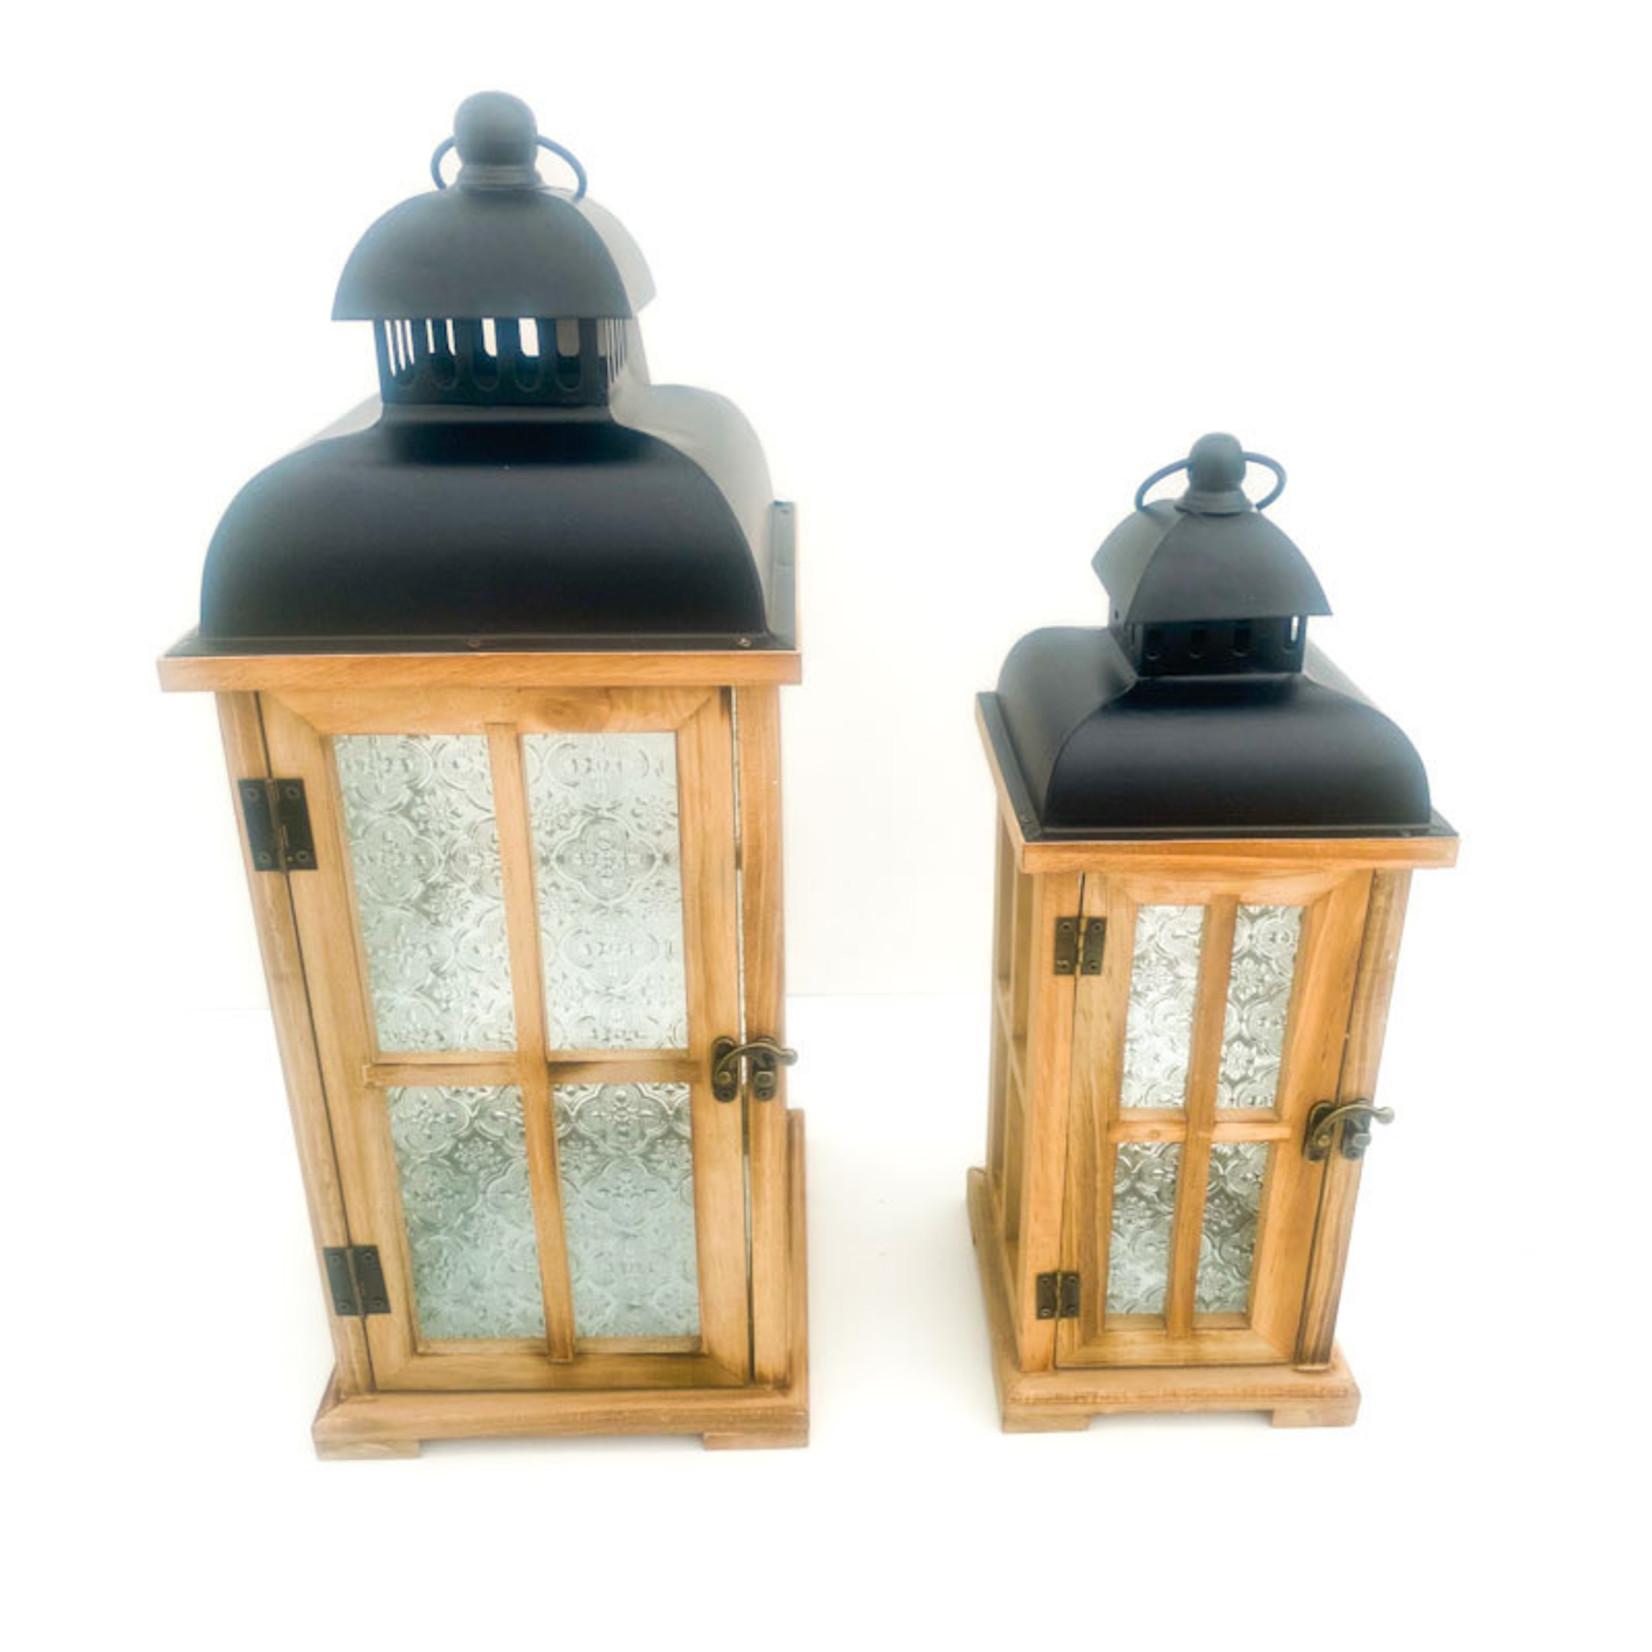 Lantern - floral glass